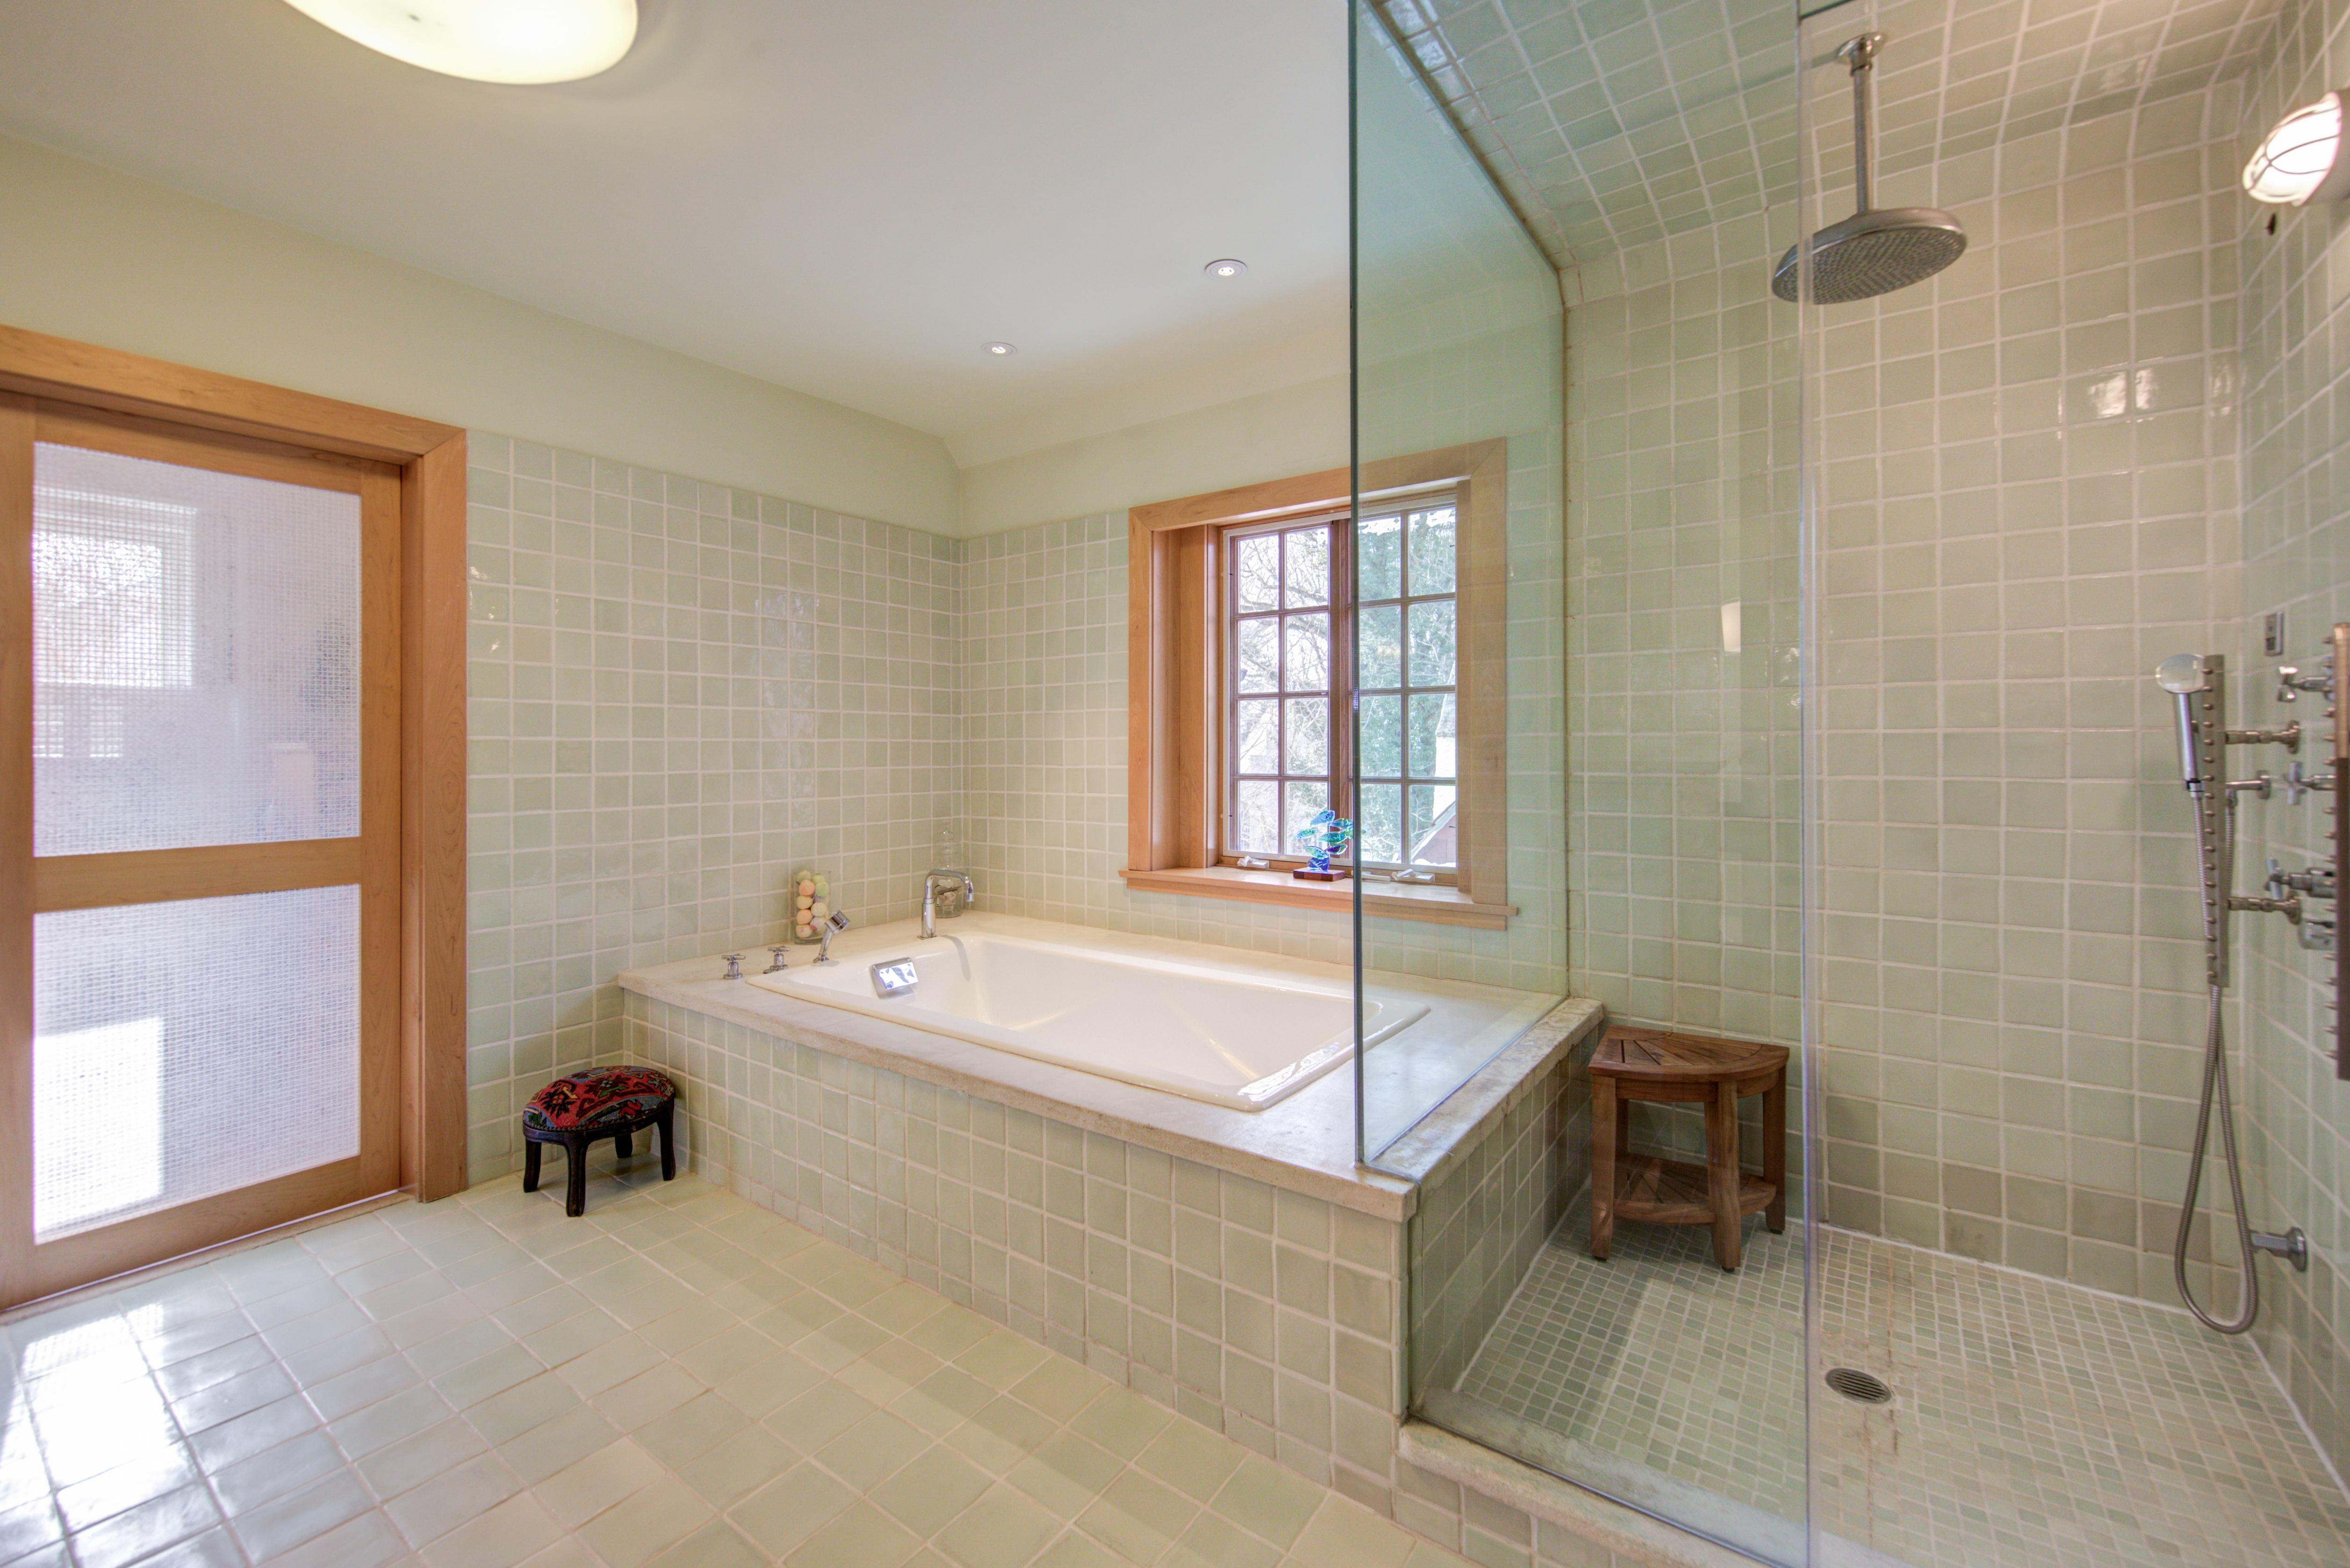 house for sale chestnut hill tudor revival master toilet